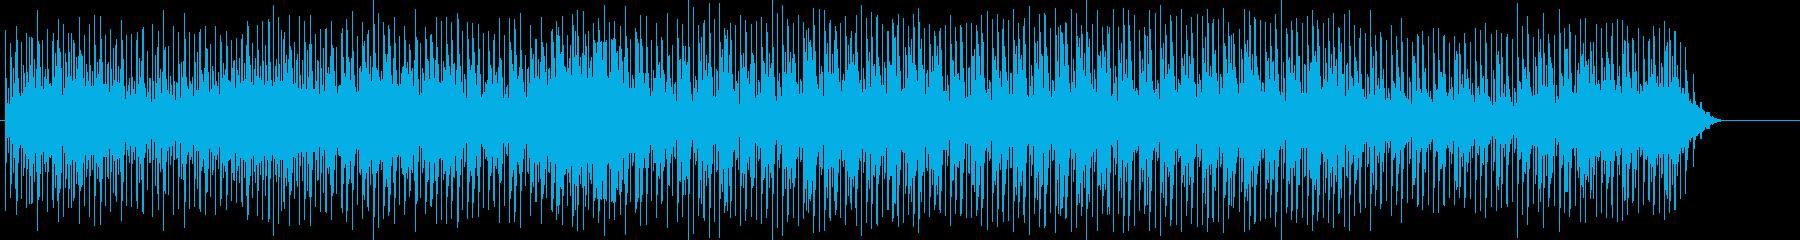 追跡、ドキュメント、謎、不安、スリルの再生済みの波形